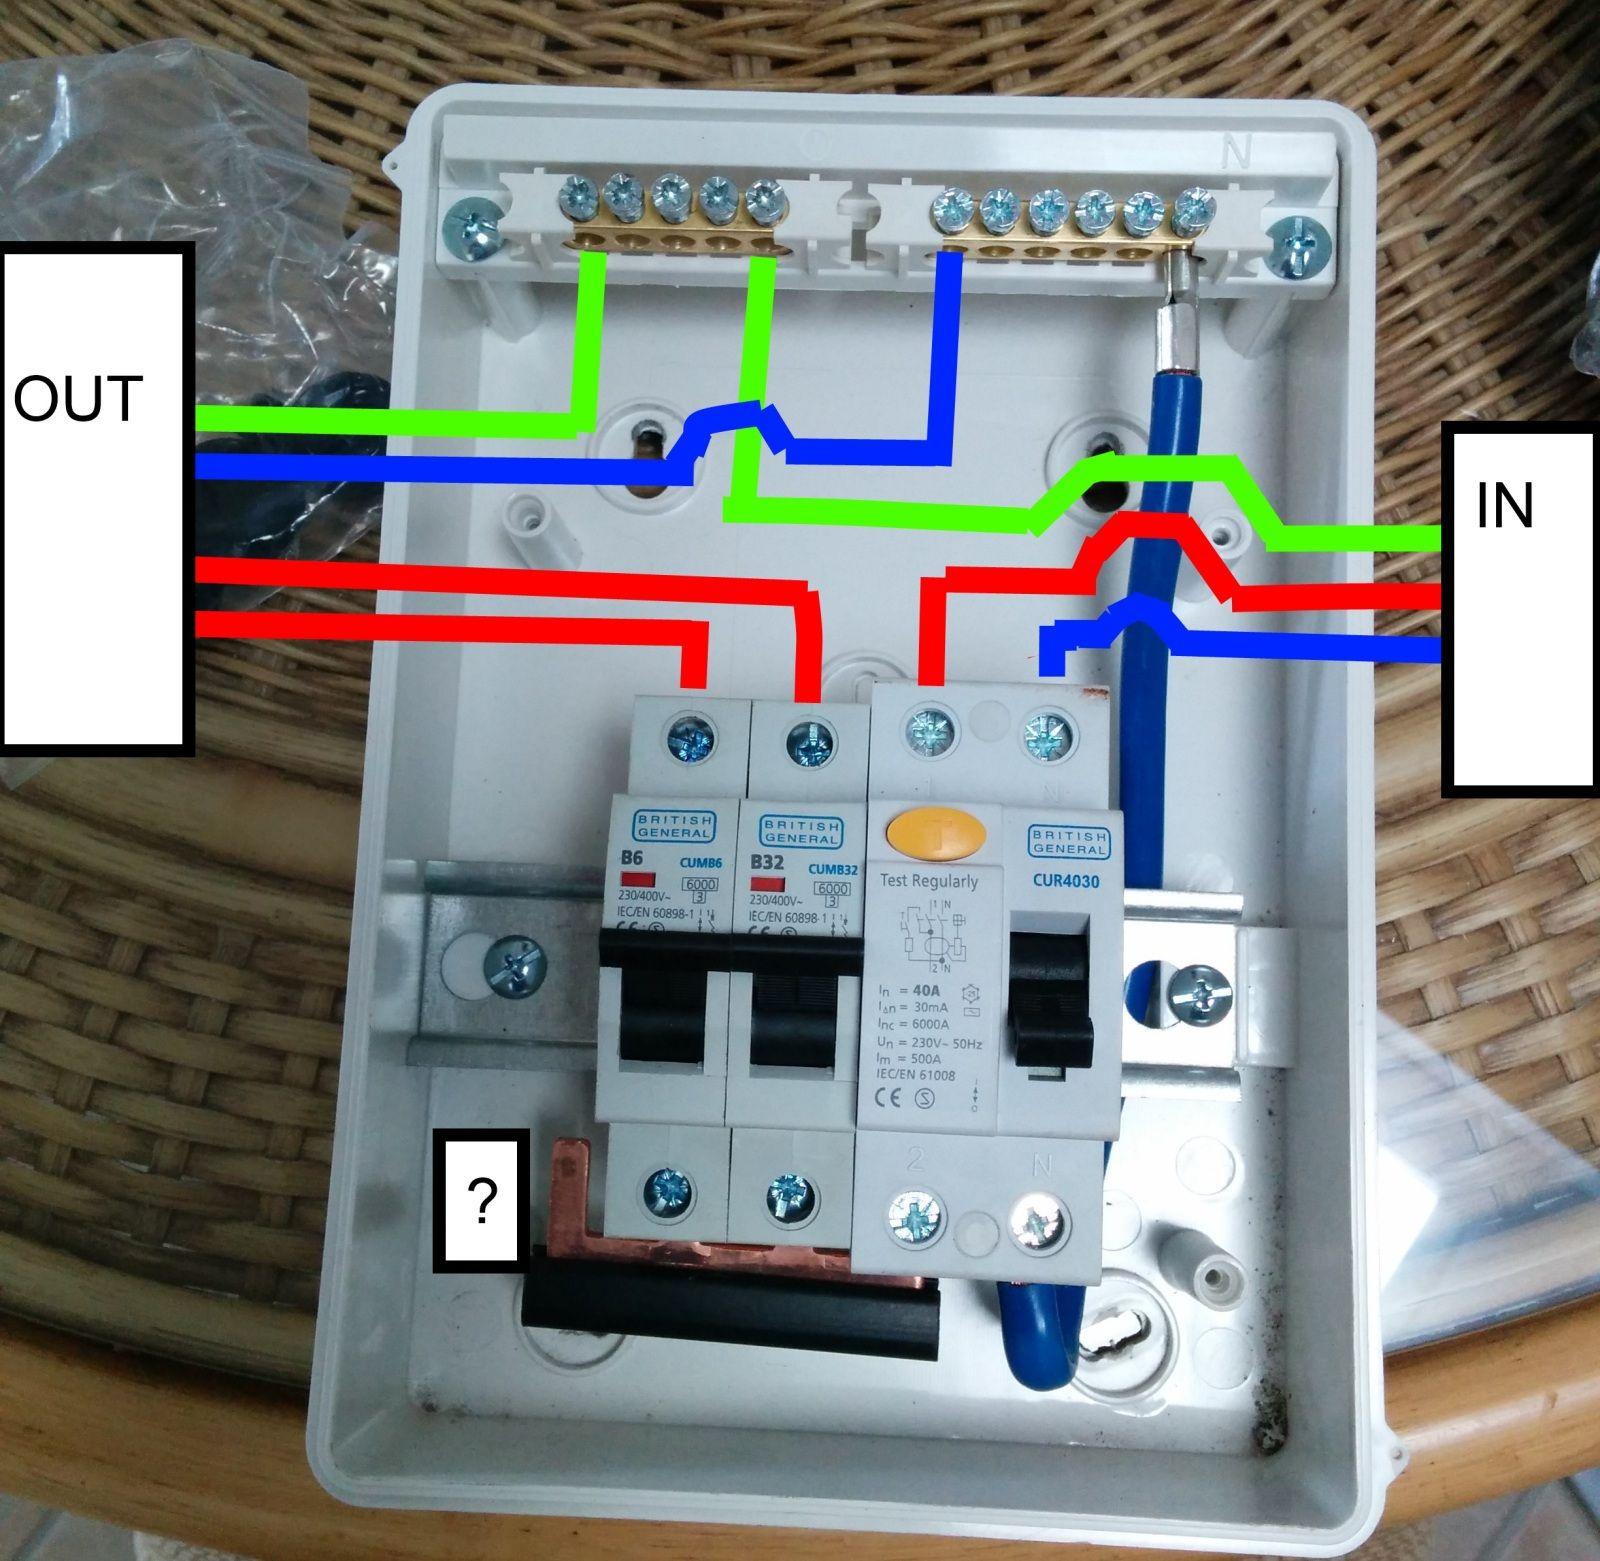 Wiring a Garage consumer unit | T4 in 2019 | The unit, Garage, Wire